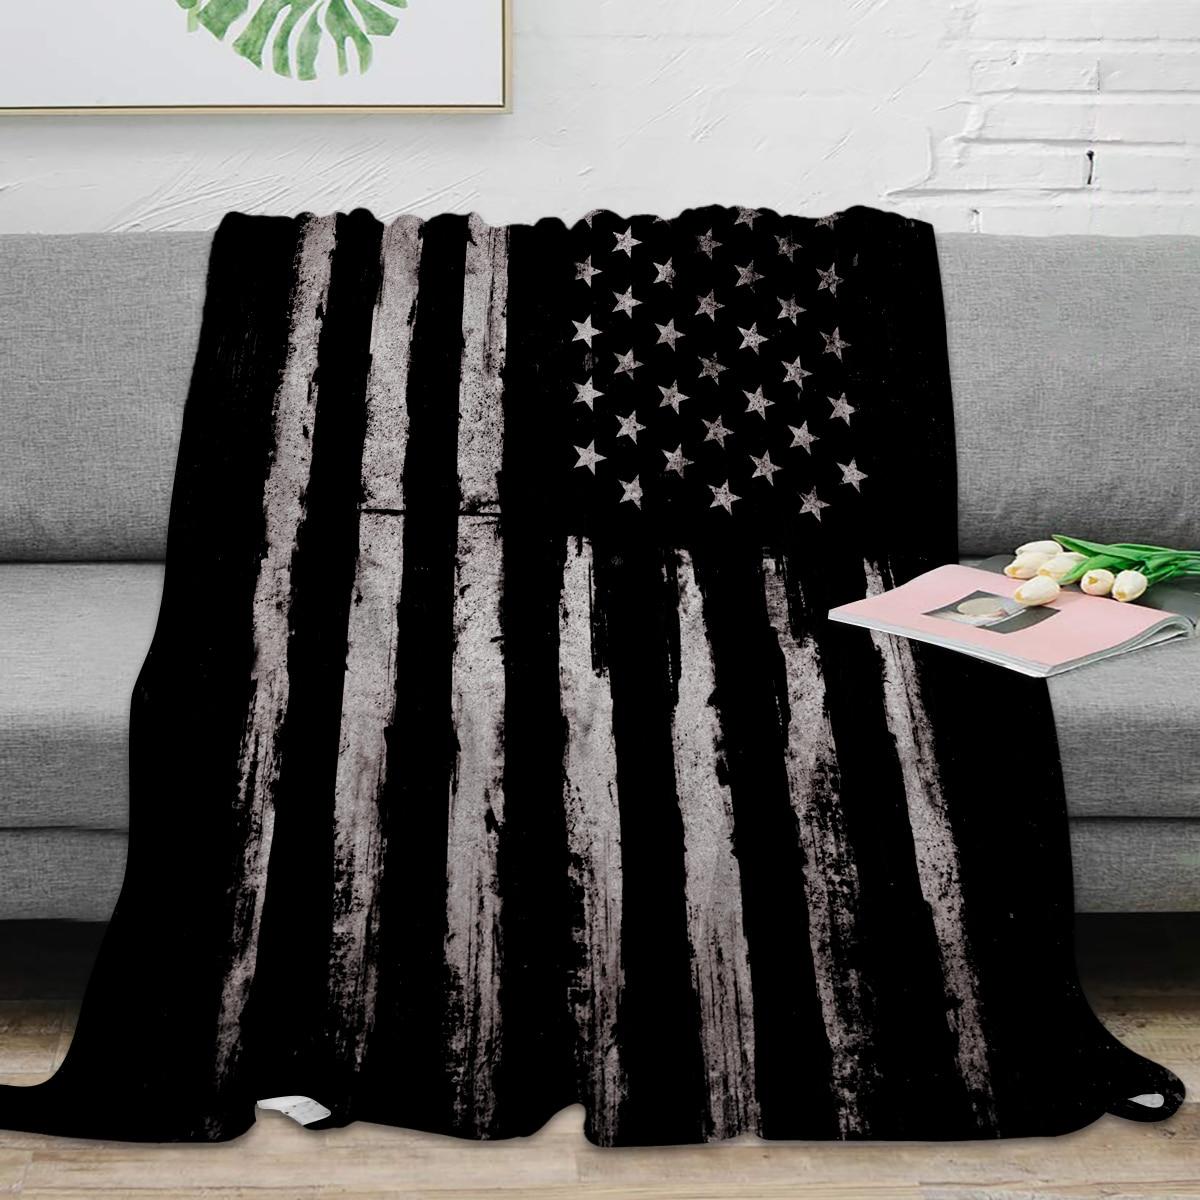 بطانية من الألياف الدقيقة مع العلم الأمريكي ، نمط الجرونج الأبيض ، الفانيلا ، دافئة